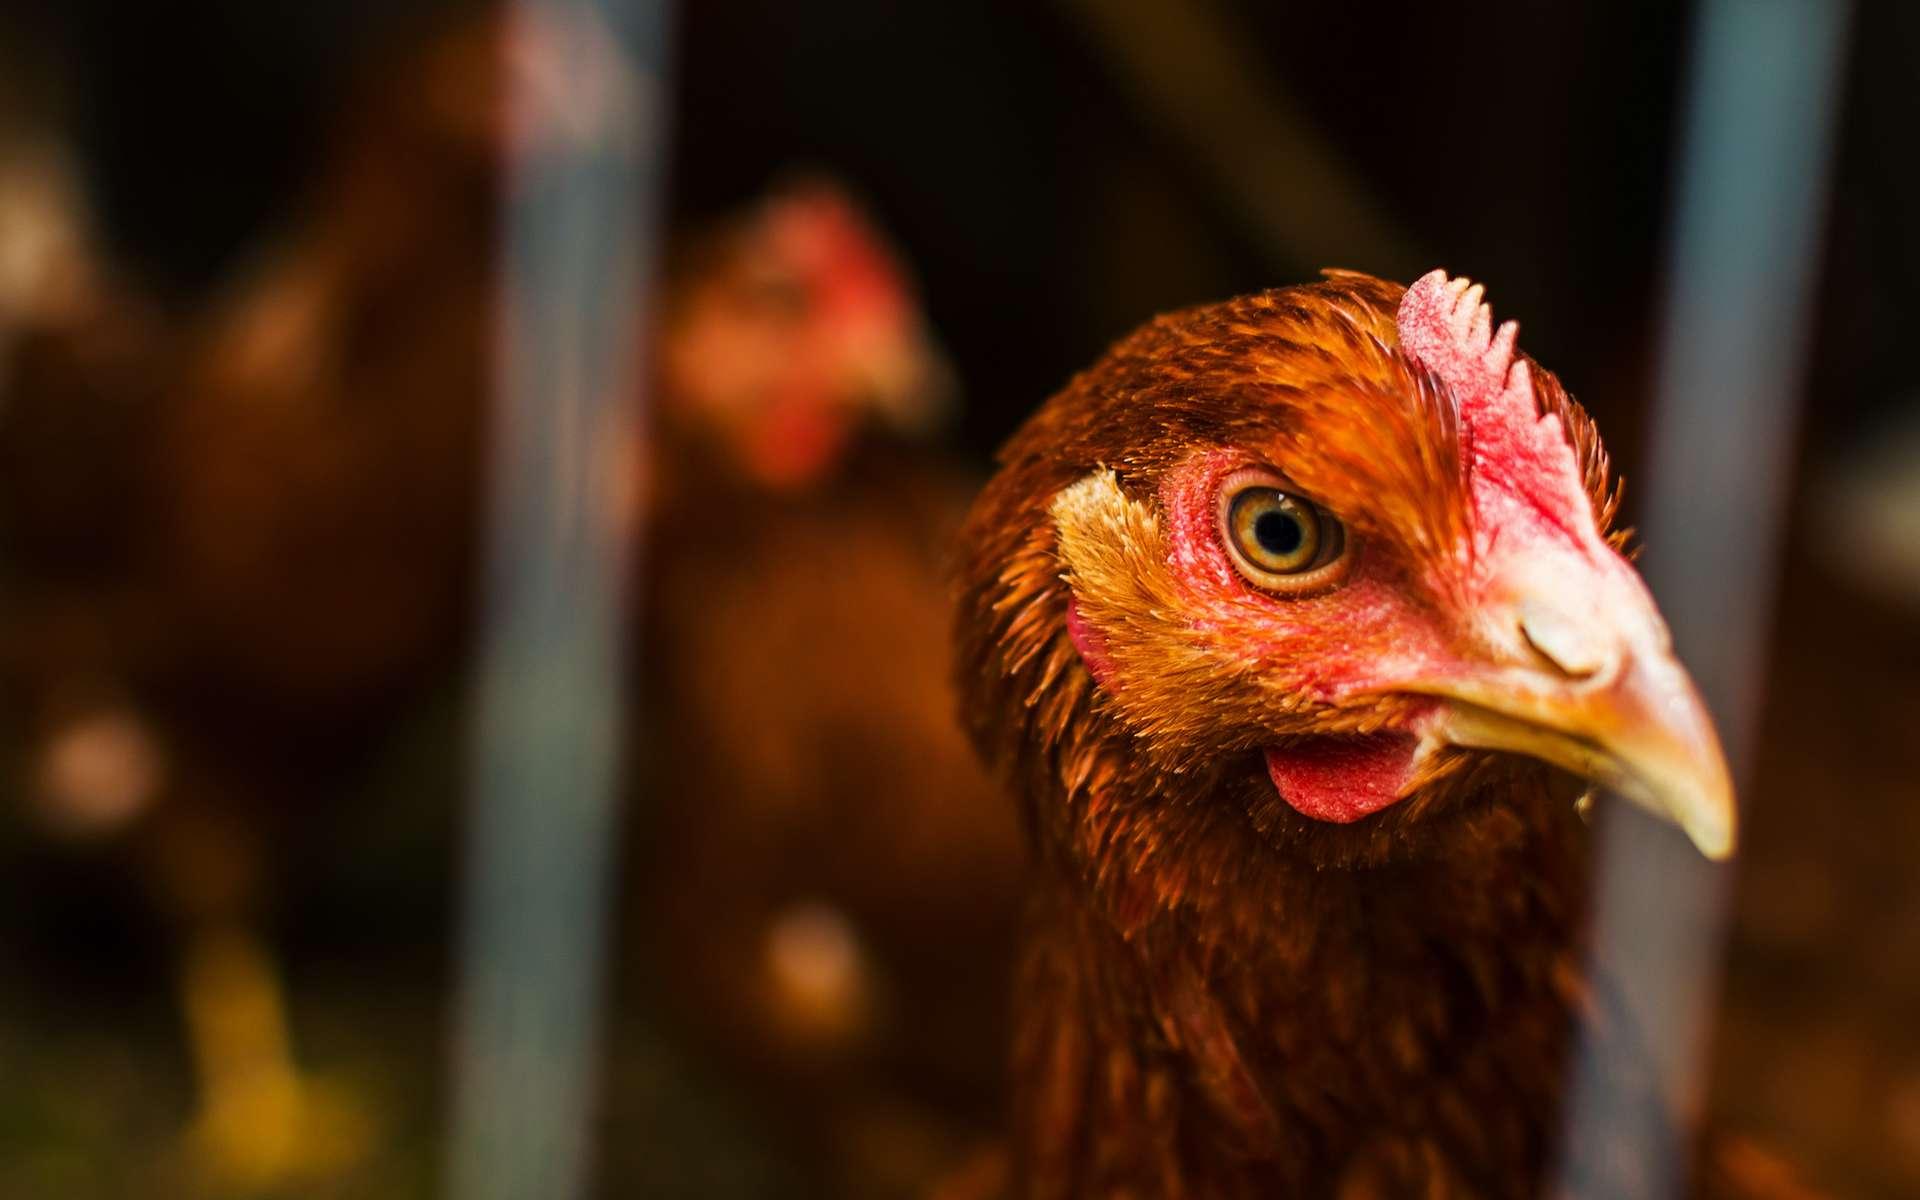 Les zoonoses sont présentes chez un animal réservoir et se transmettent occasionnellement à l'Homme. © Mariia Nazarova, Adobe Stock